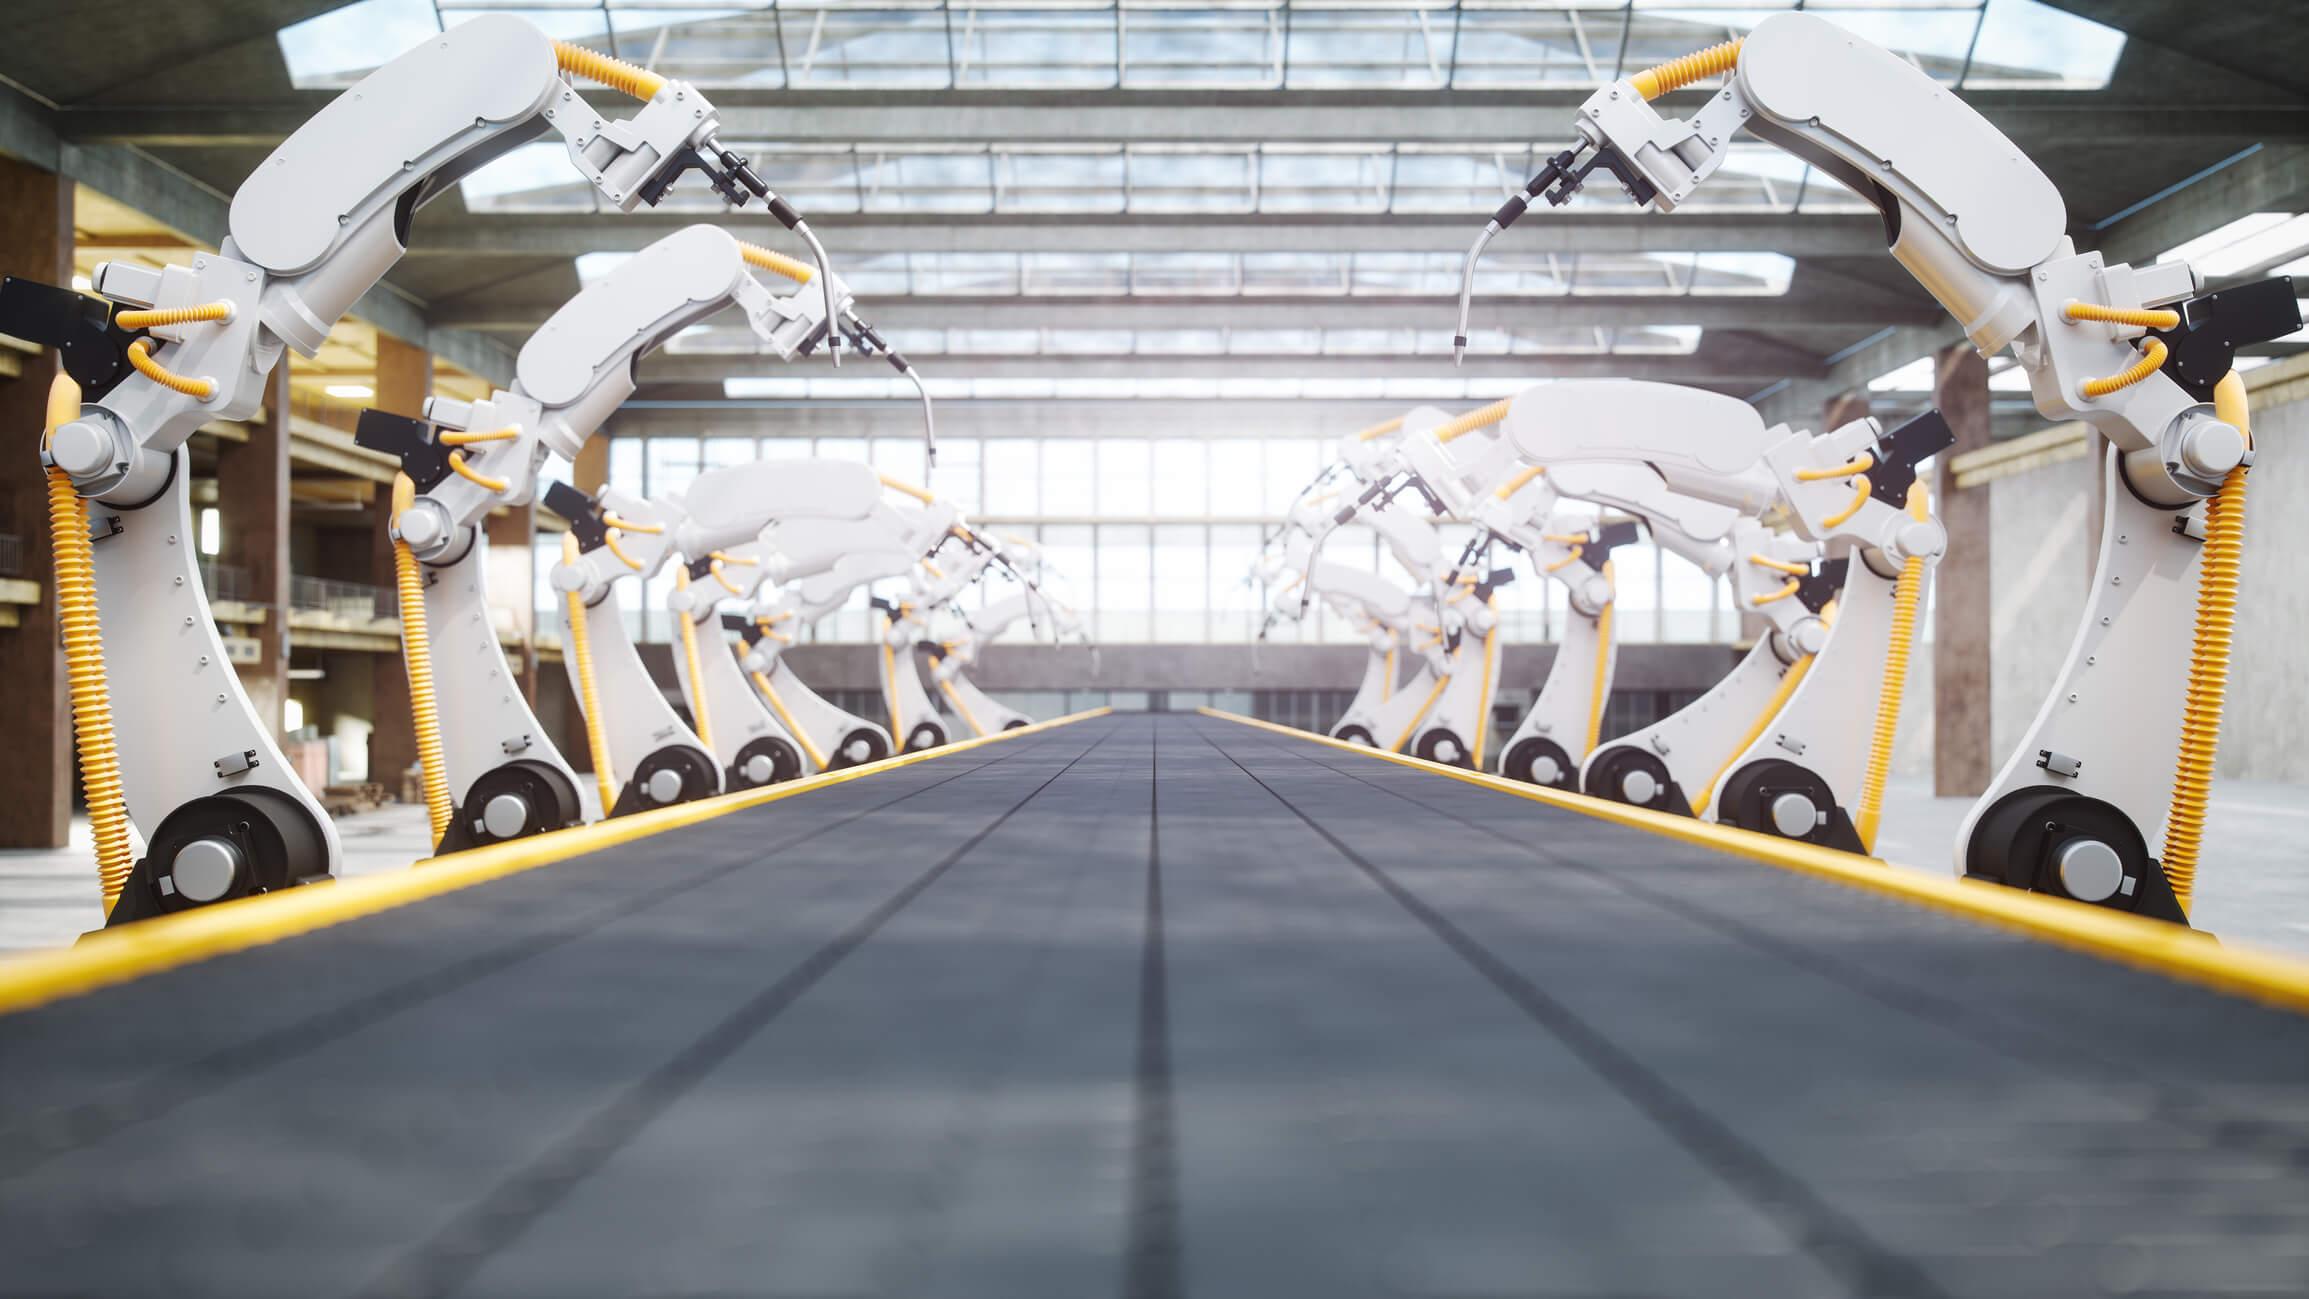 Automação industrial: como fazer uma boa gestão de manufatura?